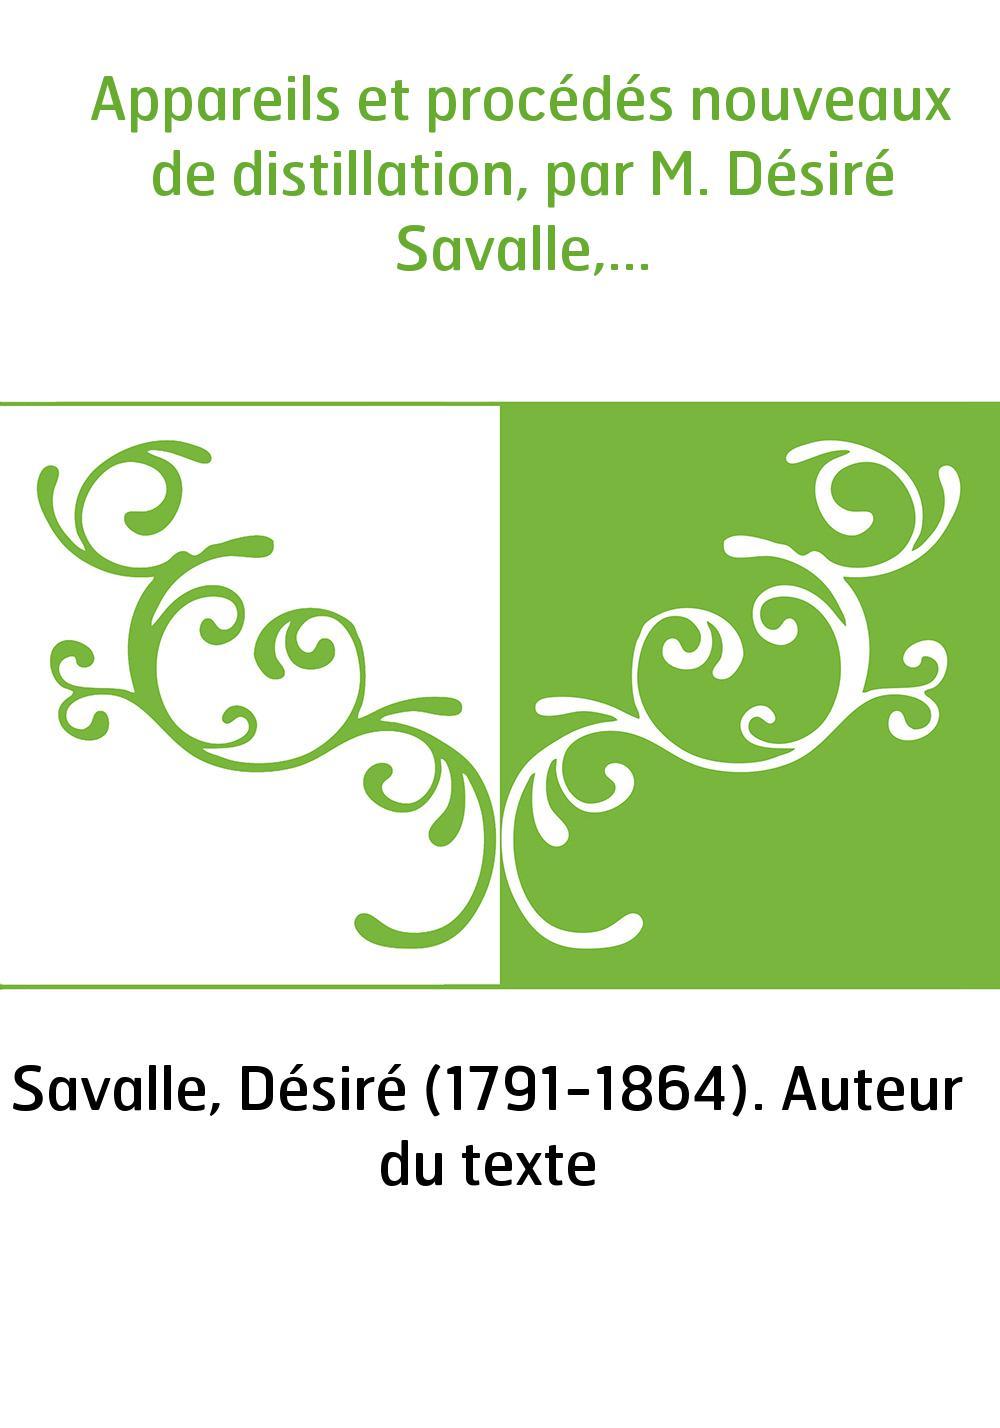 Appareils et procédés nouveaux de distillation, par M. Désiré Savalle,...